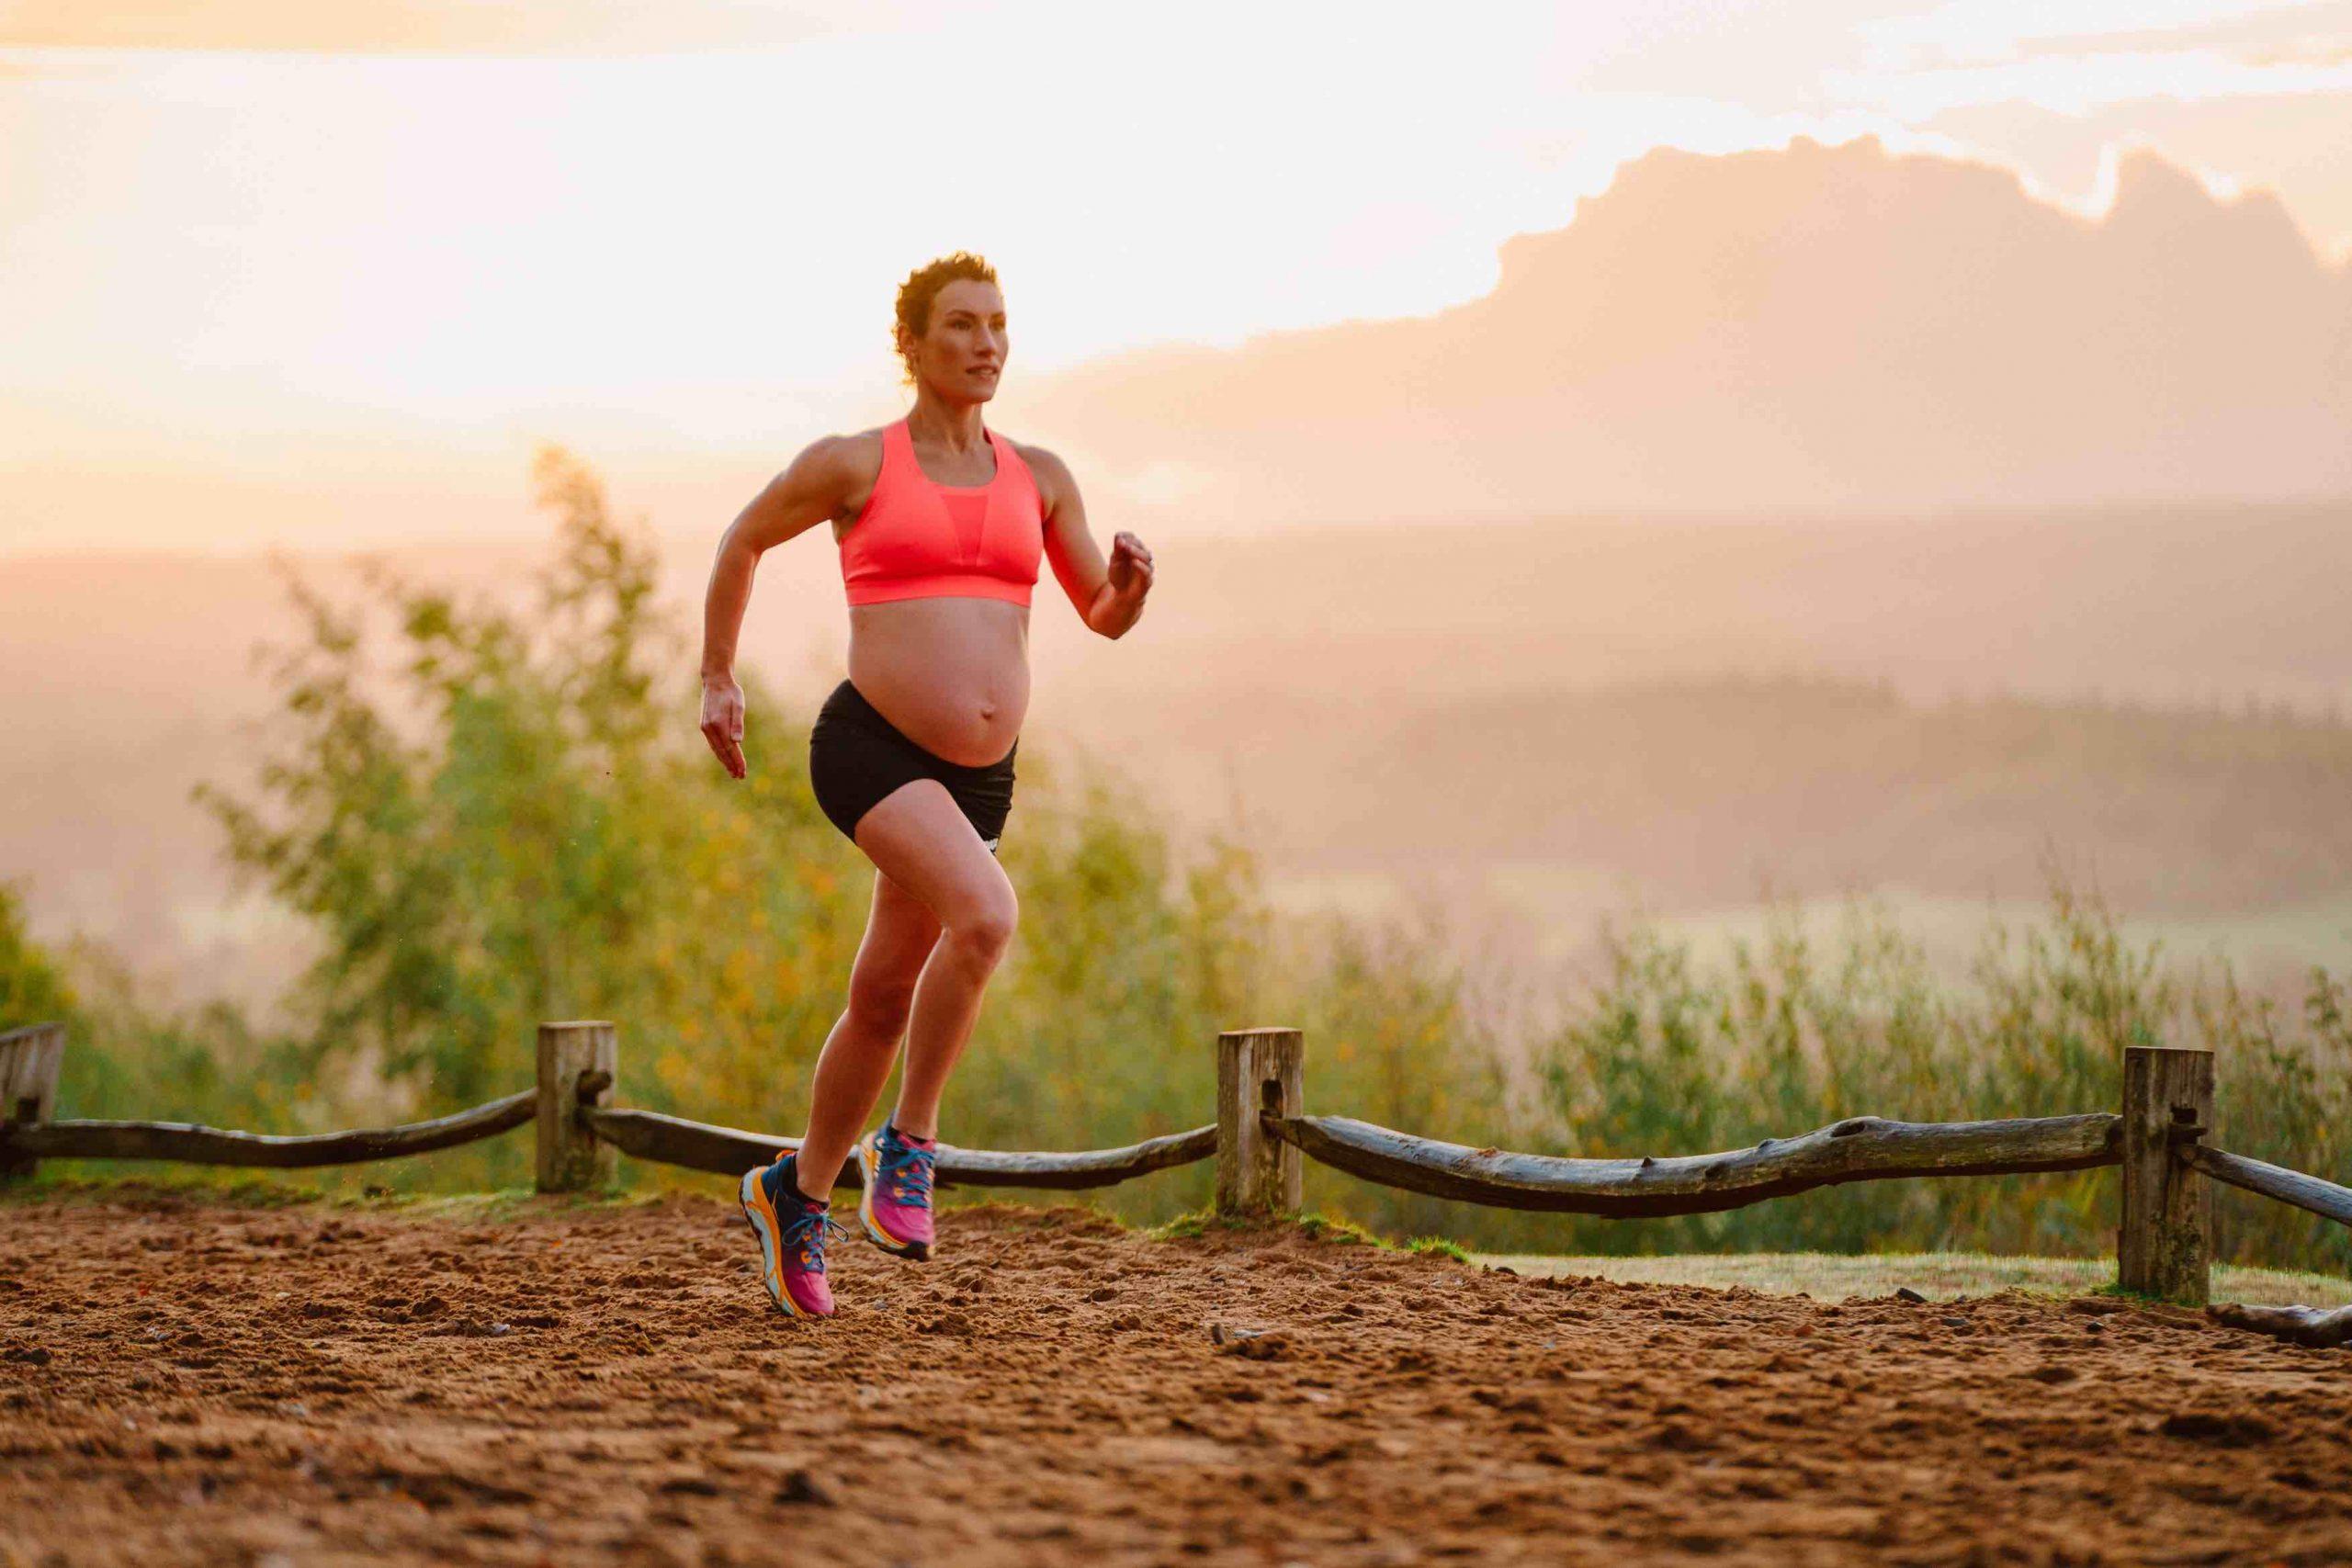 Mag sneak peek: A runner's guide to pregnancy